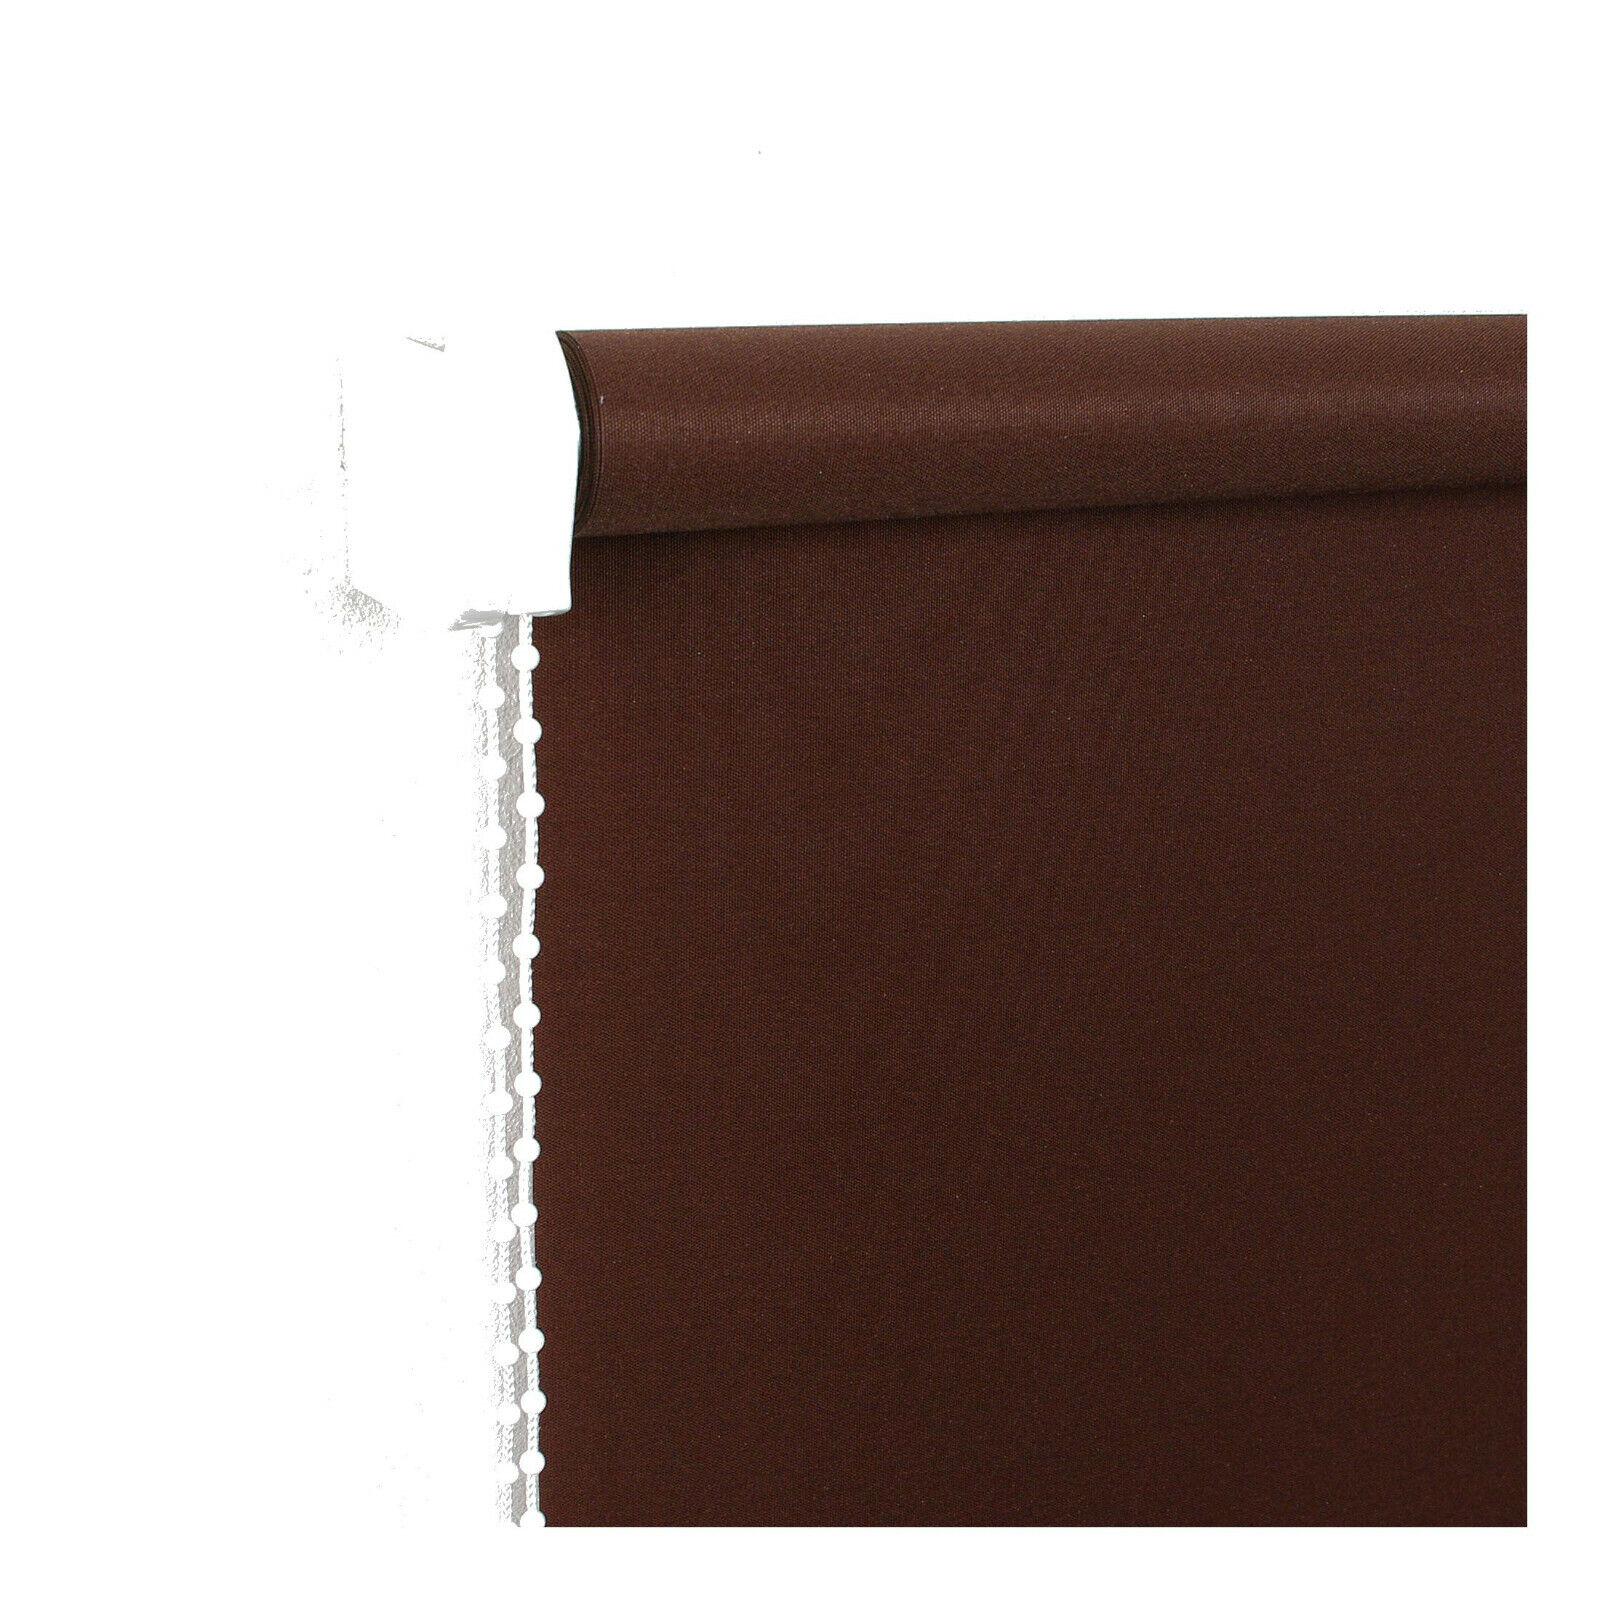 Kettenzugrollo Cappuccino Seitenzugrollo Tür Tür Tür Fensterrollo Sichtschutz Dekoration | Elegant  63b1db